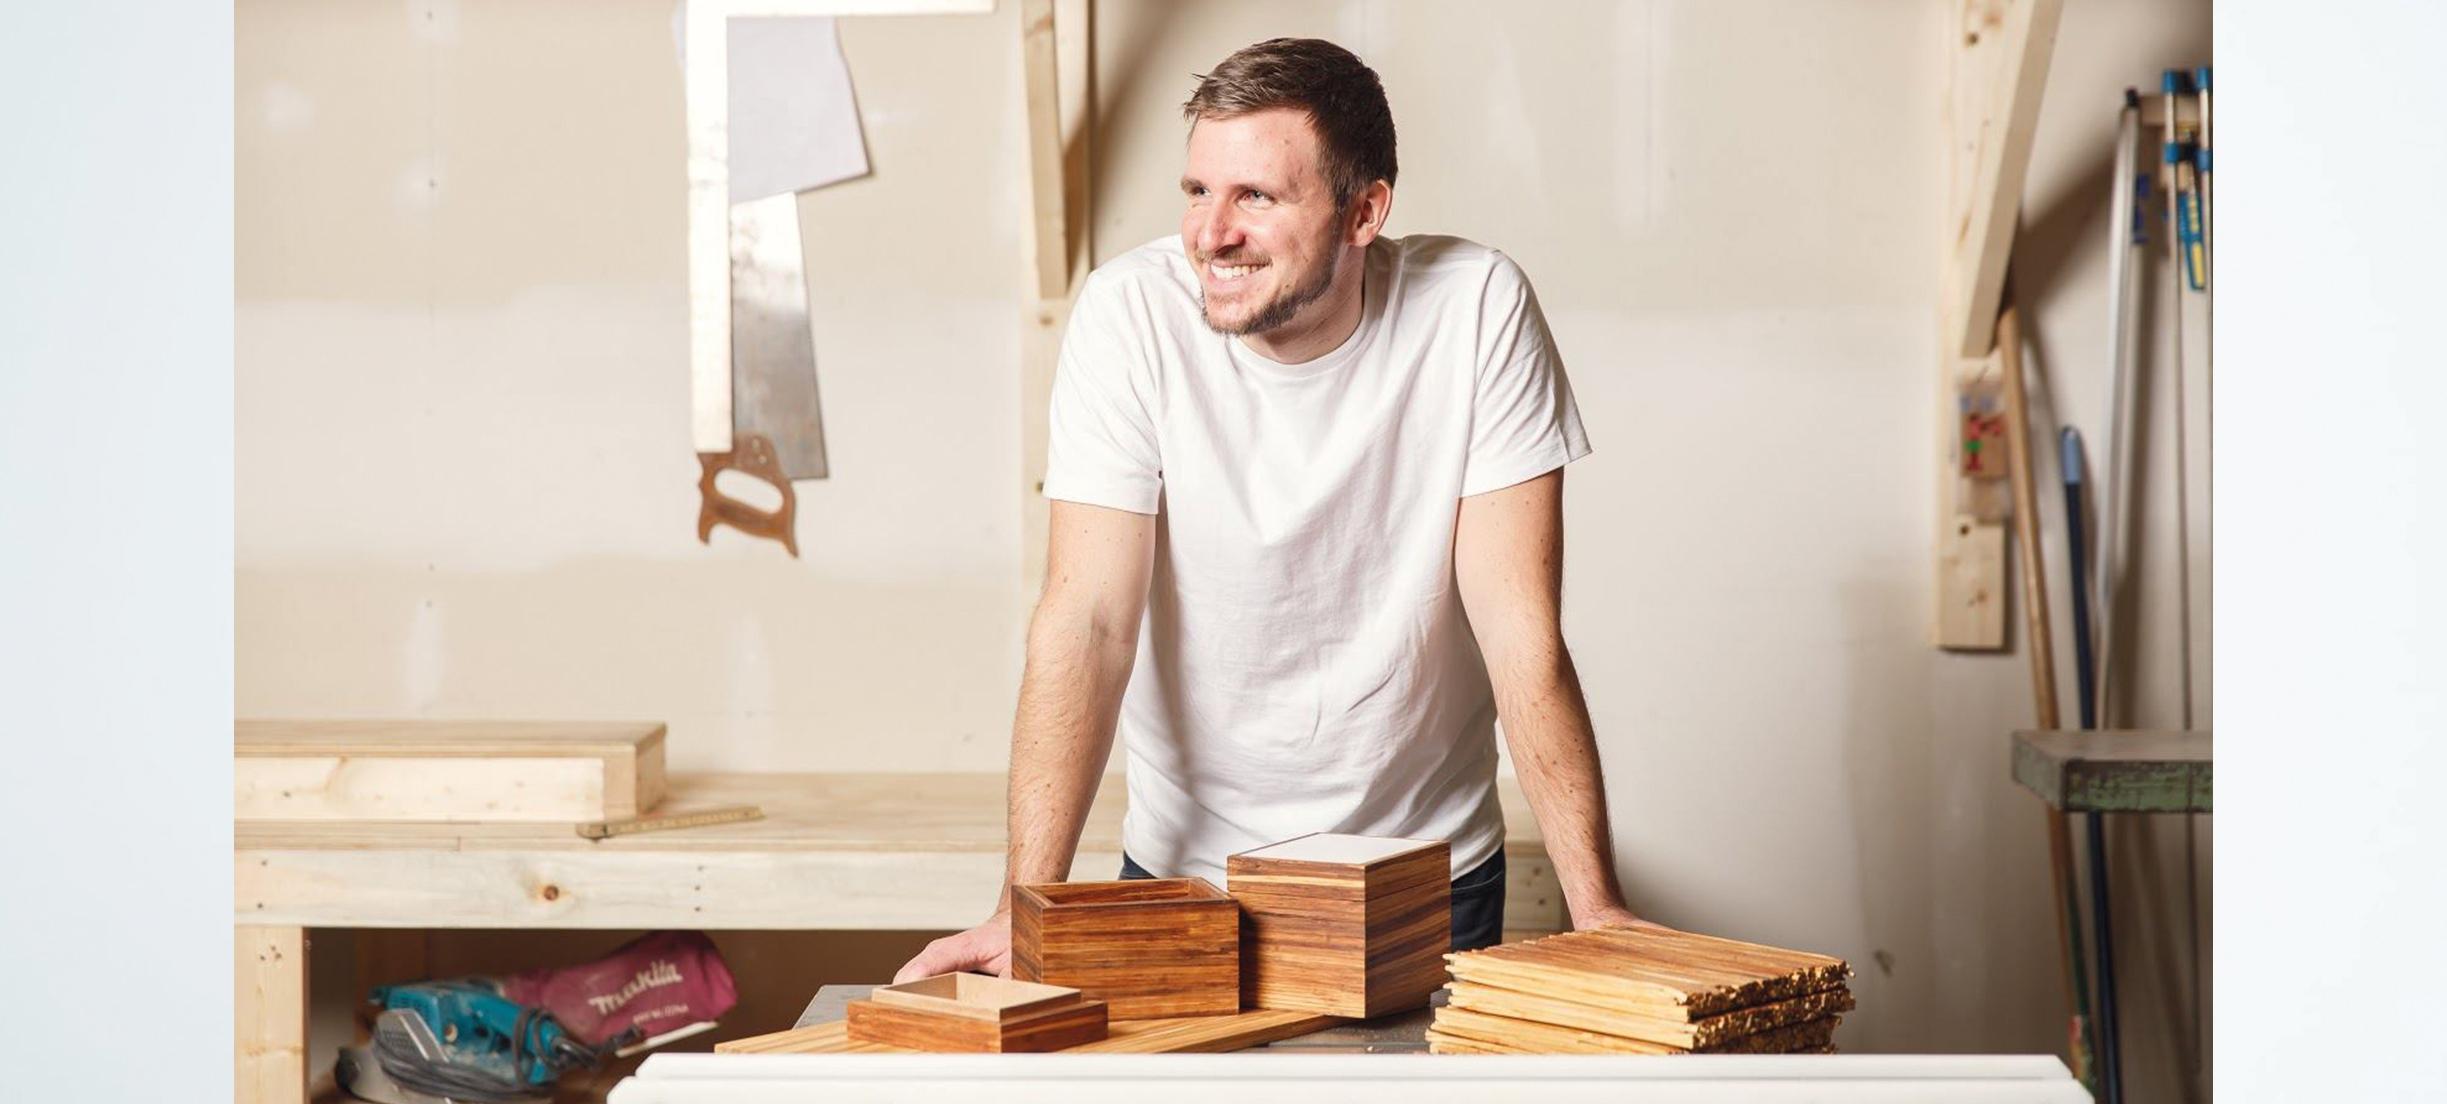 Deze ondernemer maakt meubels van gebruikte eetstokjes